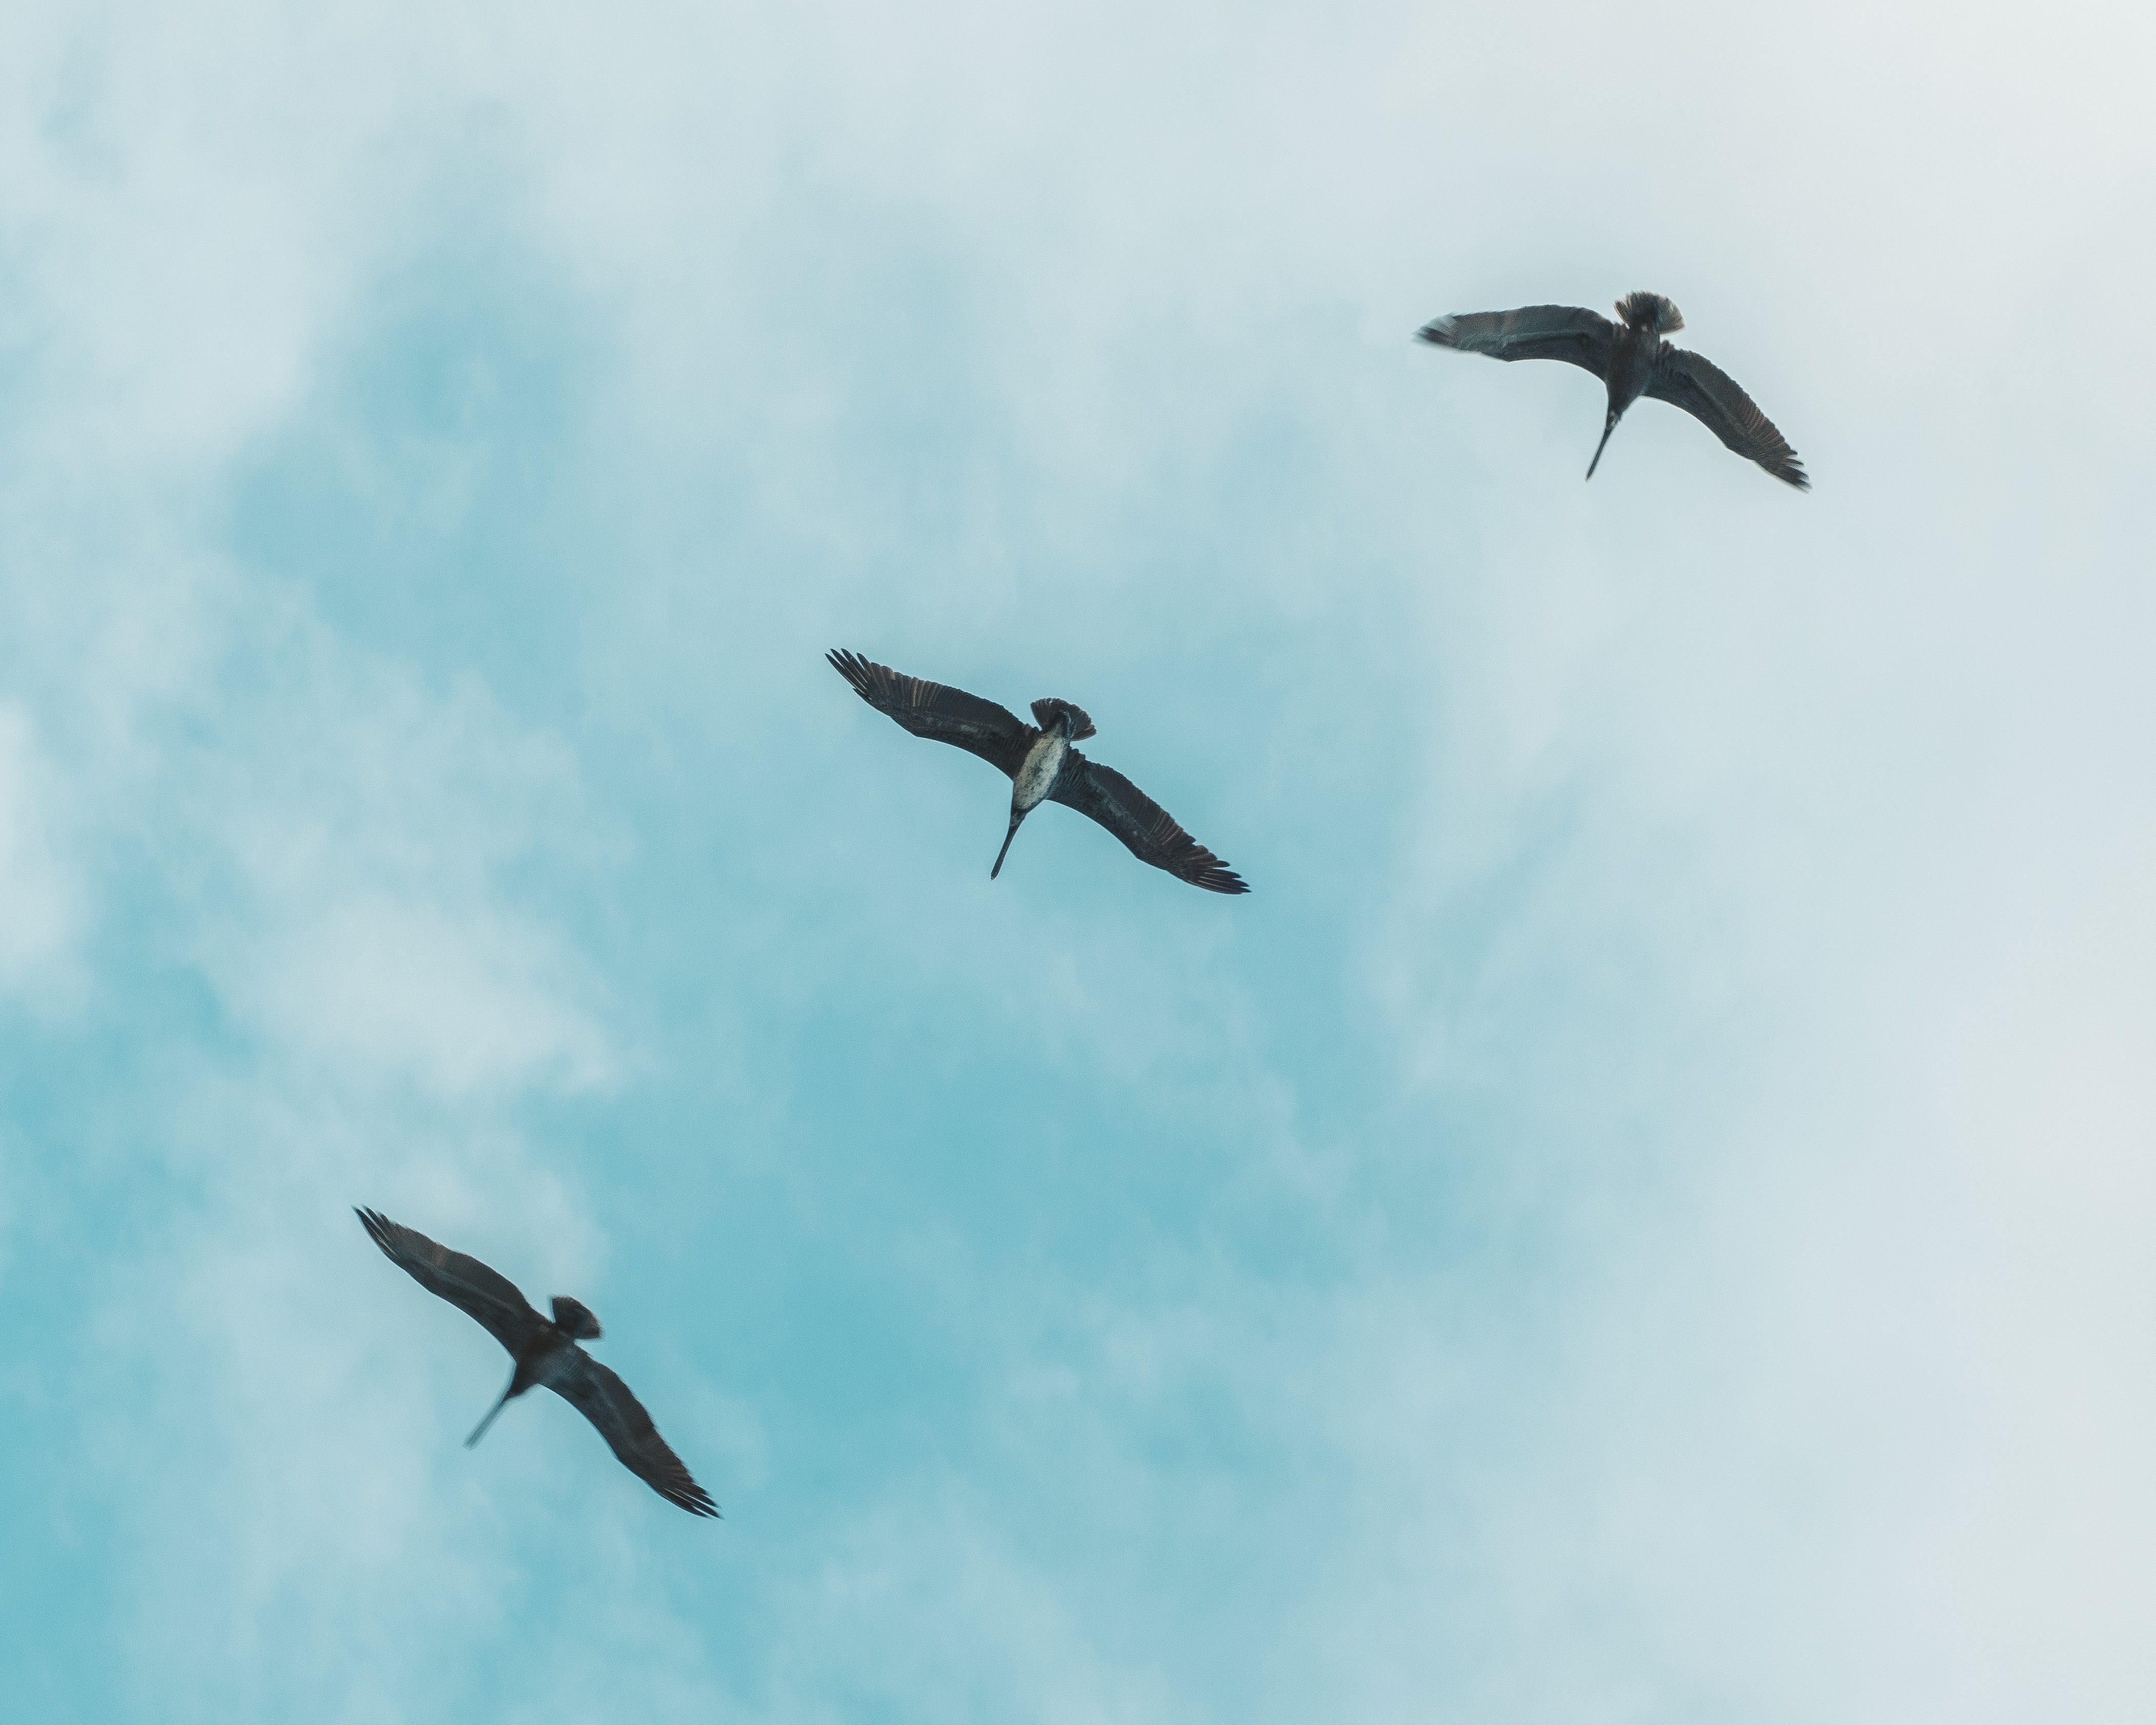 Biodiversité : trois milliards d'oiseaux ont disparu depuis 1970 en Amérique du Nord